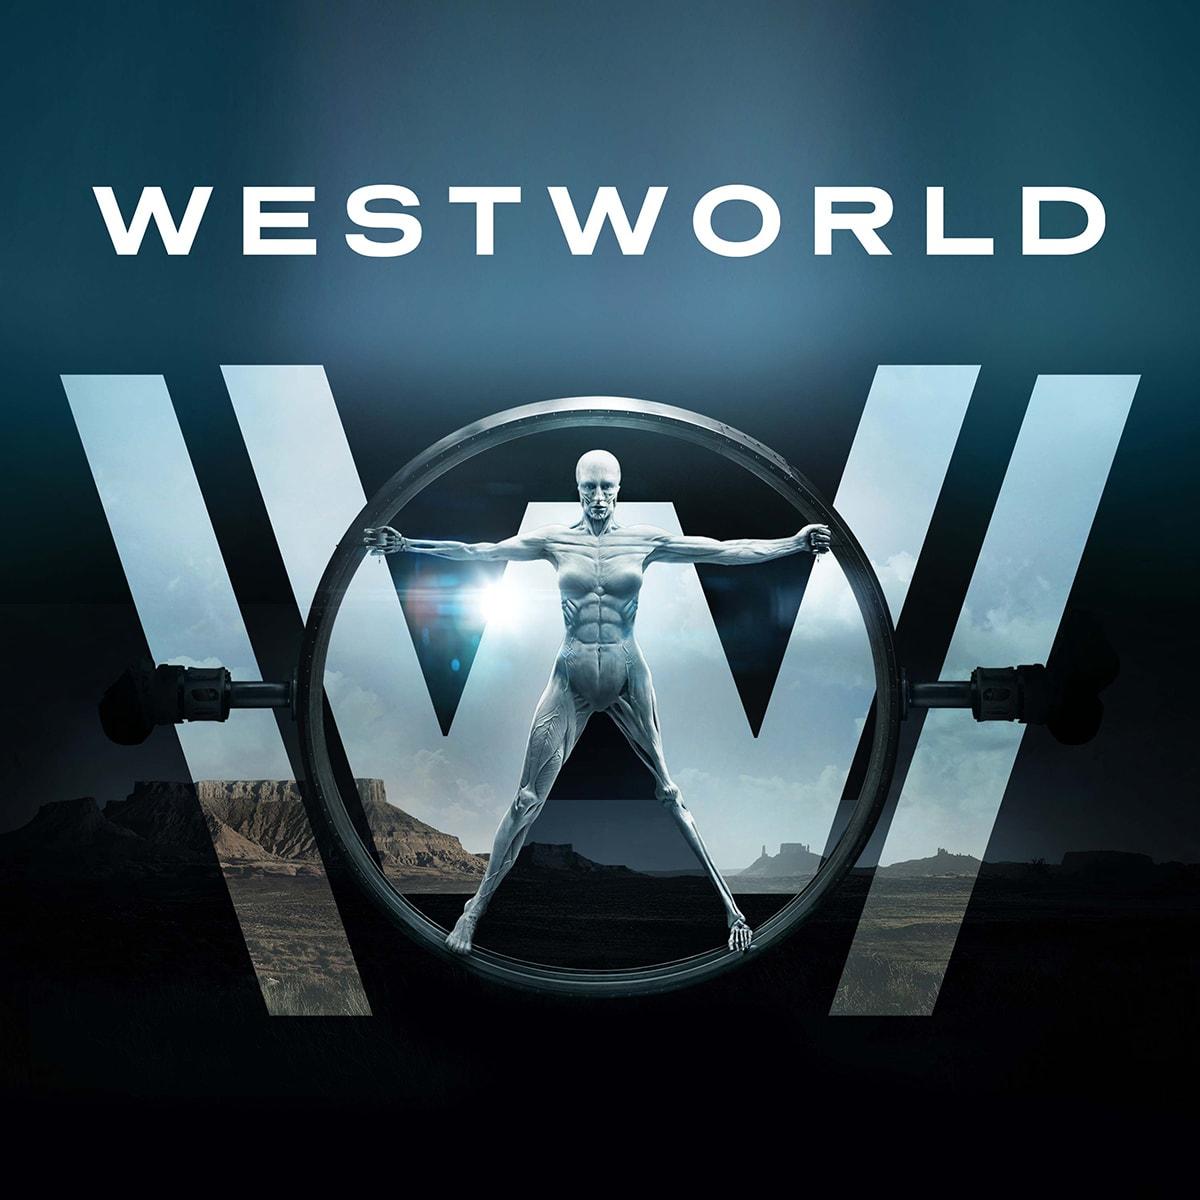 Westwood Serie